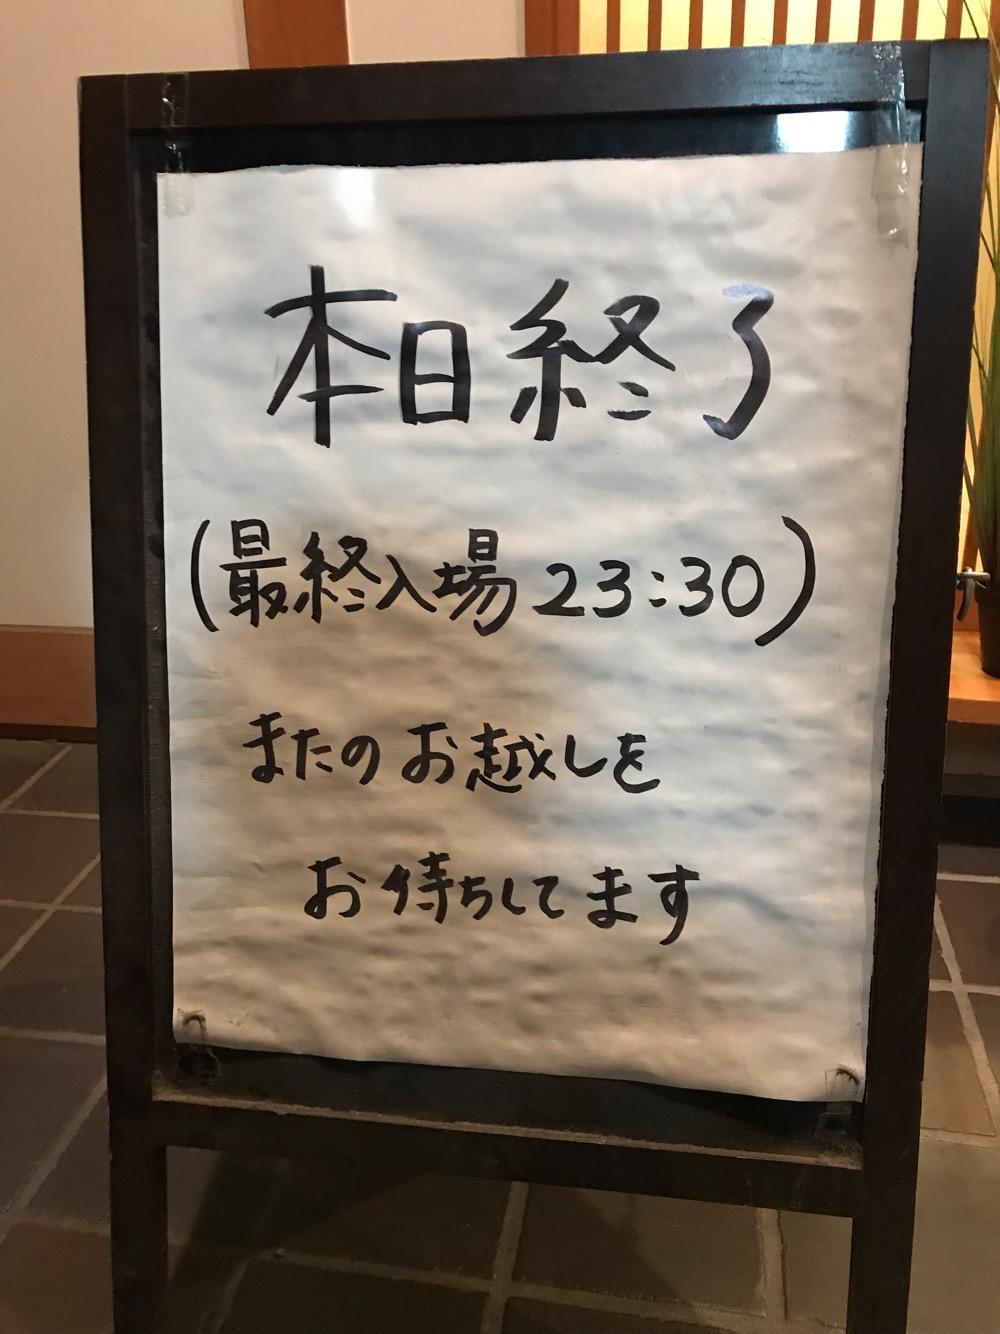 東京都足立区の銭湯・大和湯の玄関の「本日終了」の看板